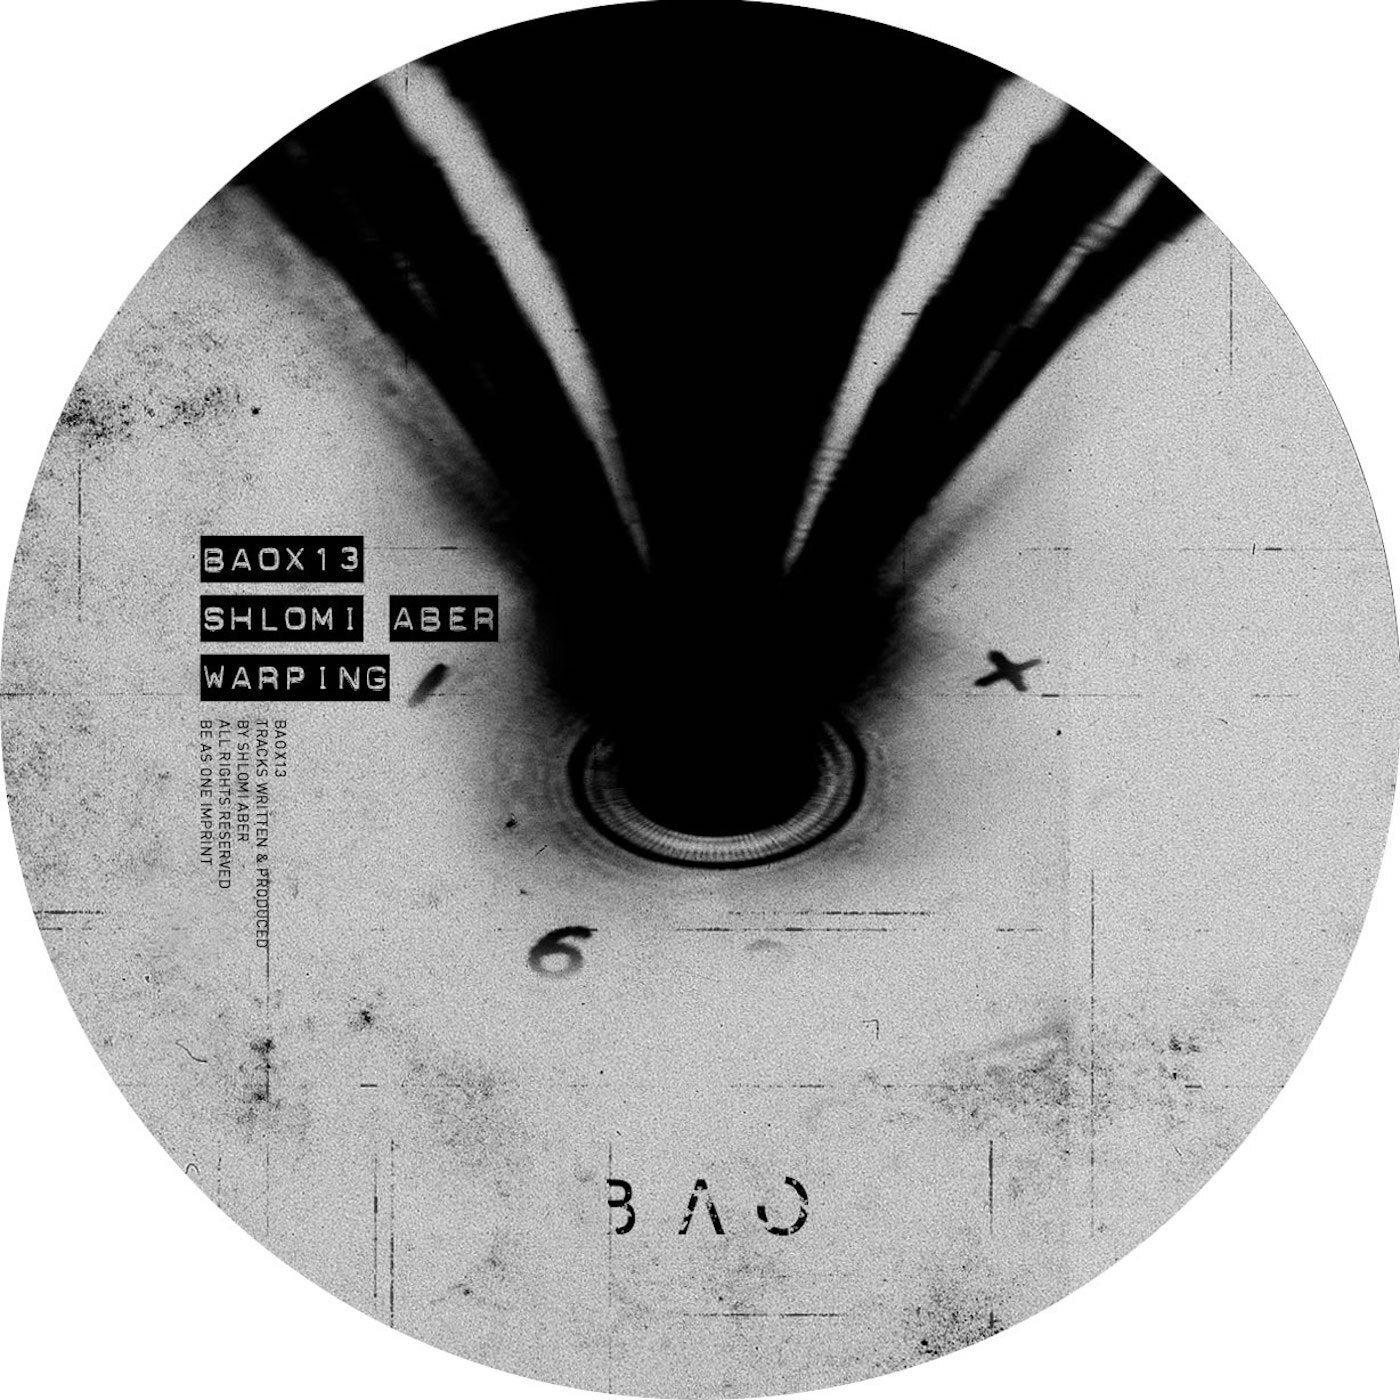 Warping (Original Mix)